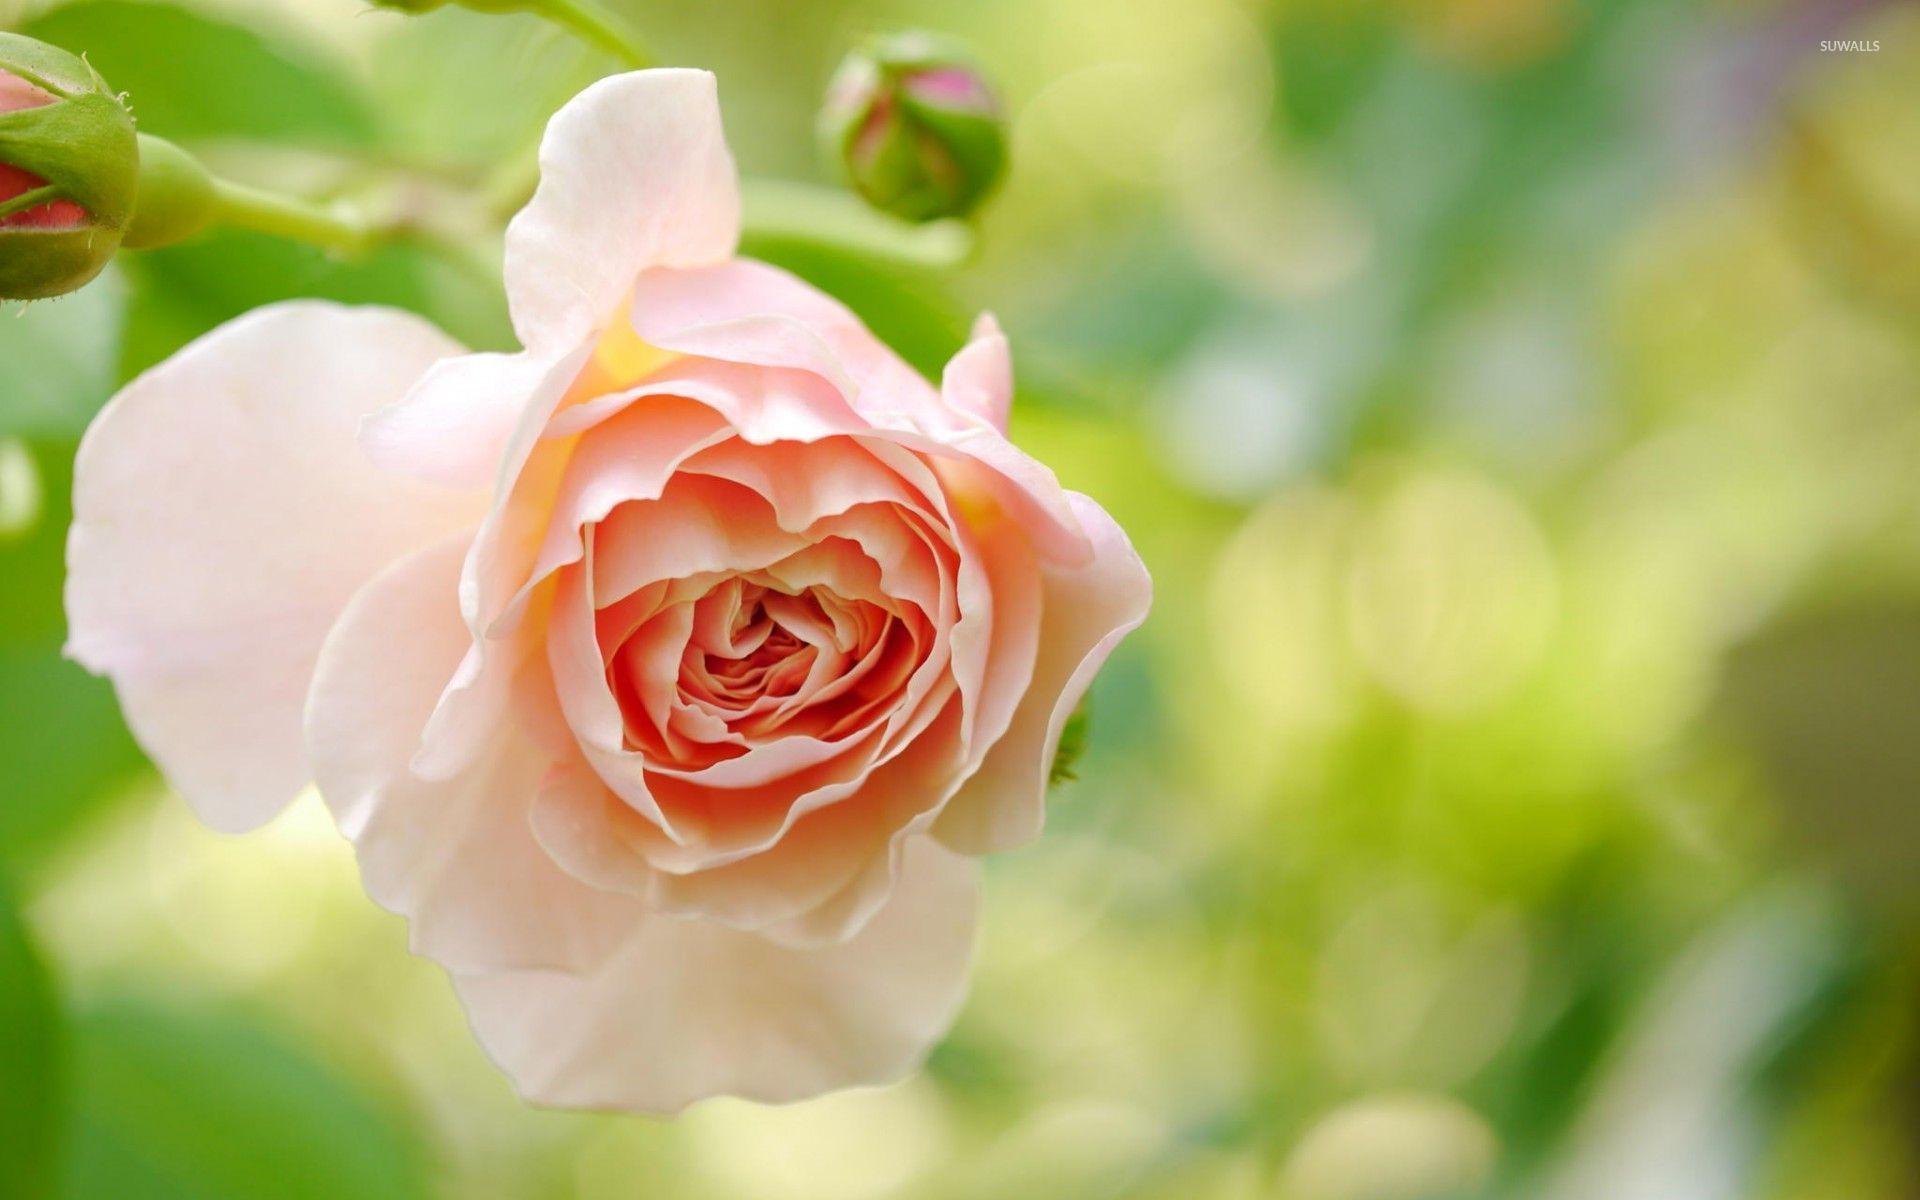 Light Orange Rose Wallpaper